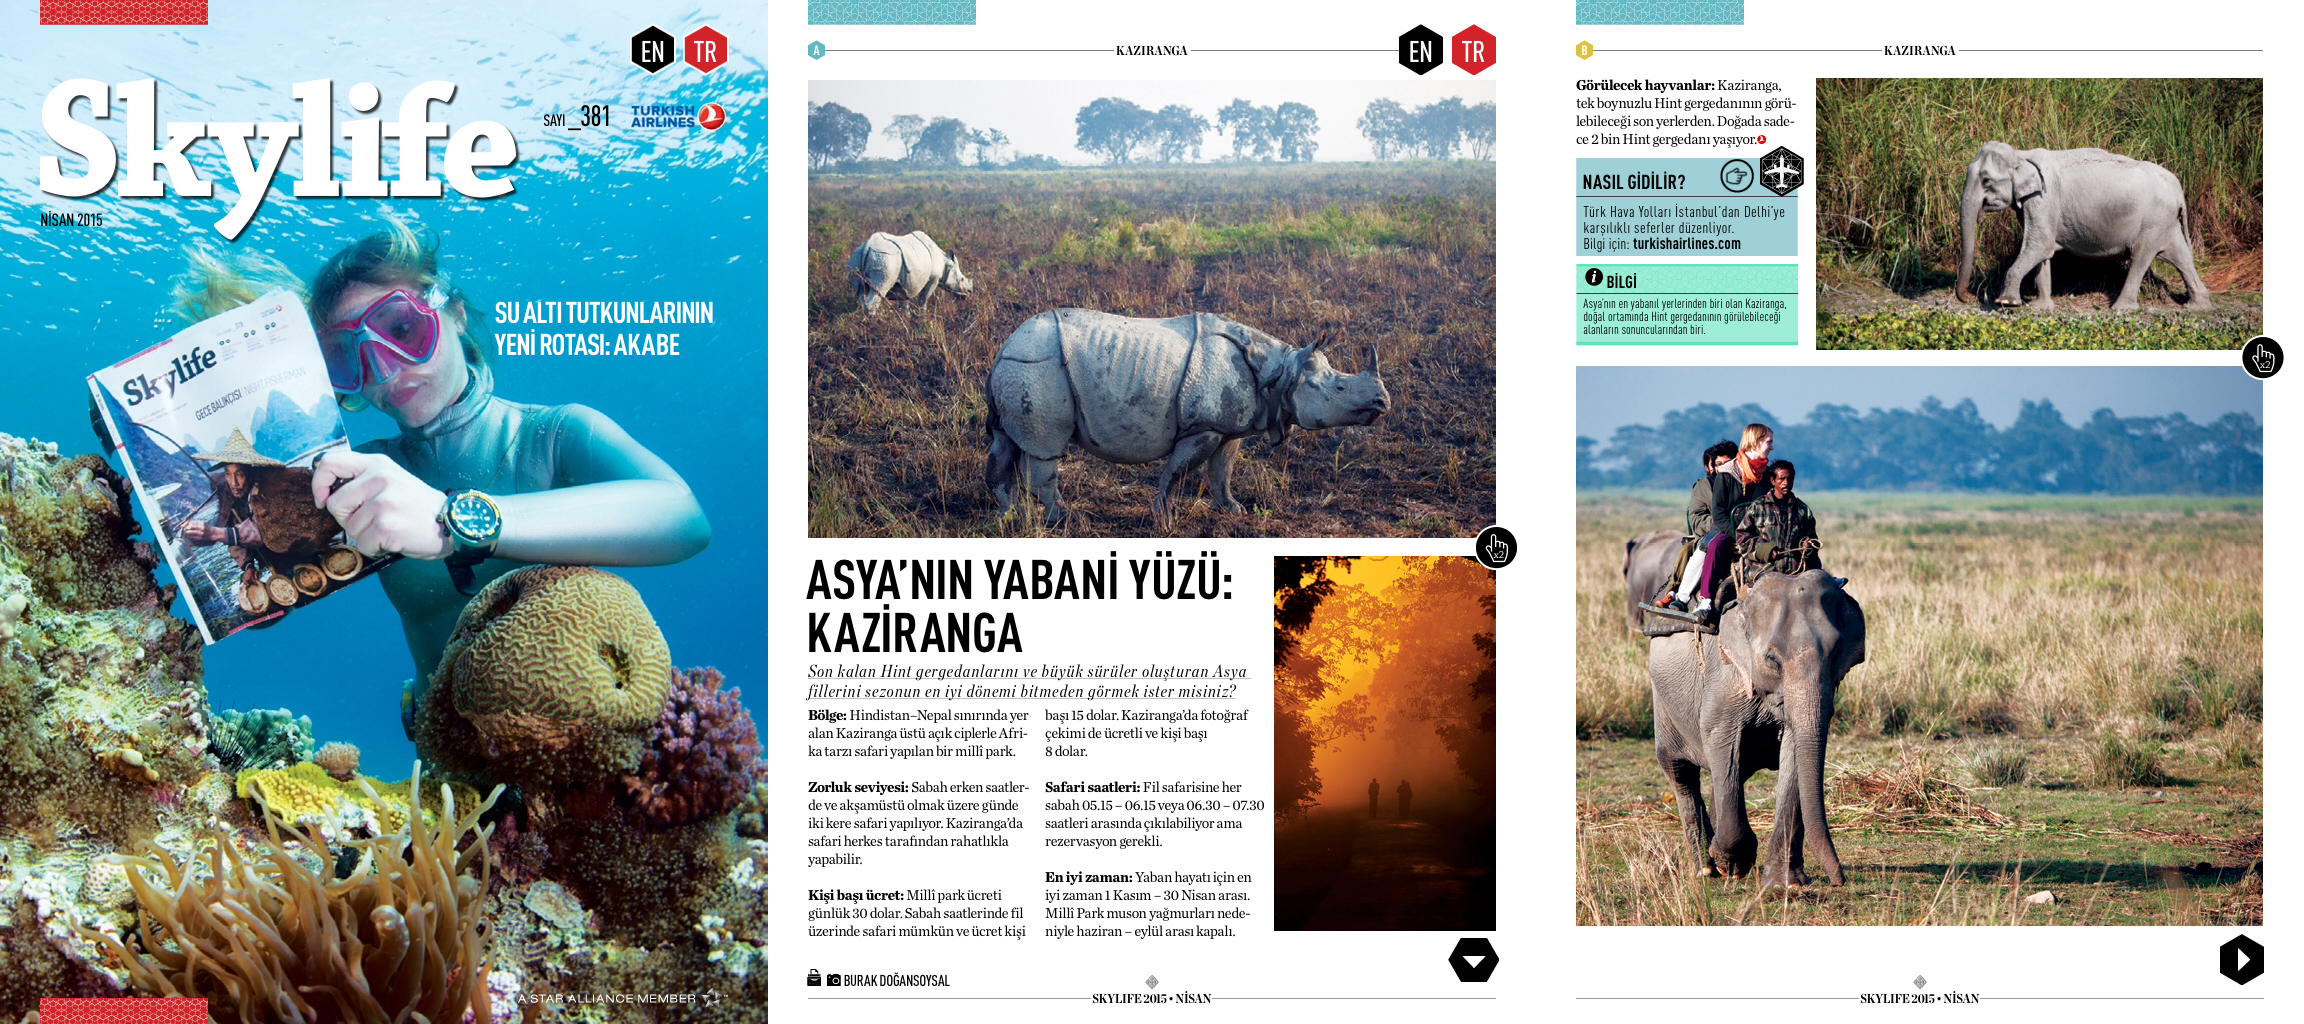 """Skylife Magazine Issue #381  [Turkish Airlines Inflight Magazine]  April 2015   """"Wild side of Asia: Kaziranga"""" Words & Photo by Burak Dogansoysal"""